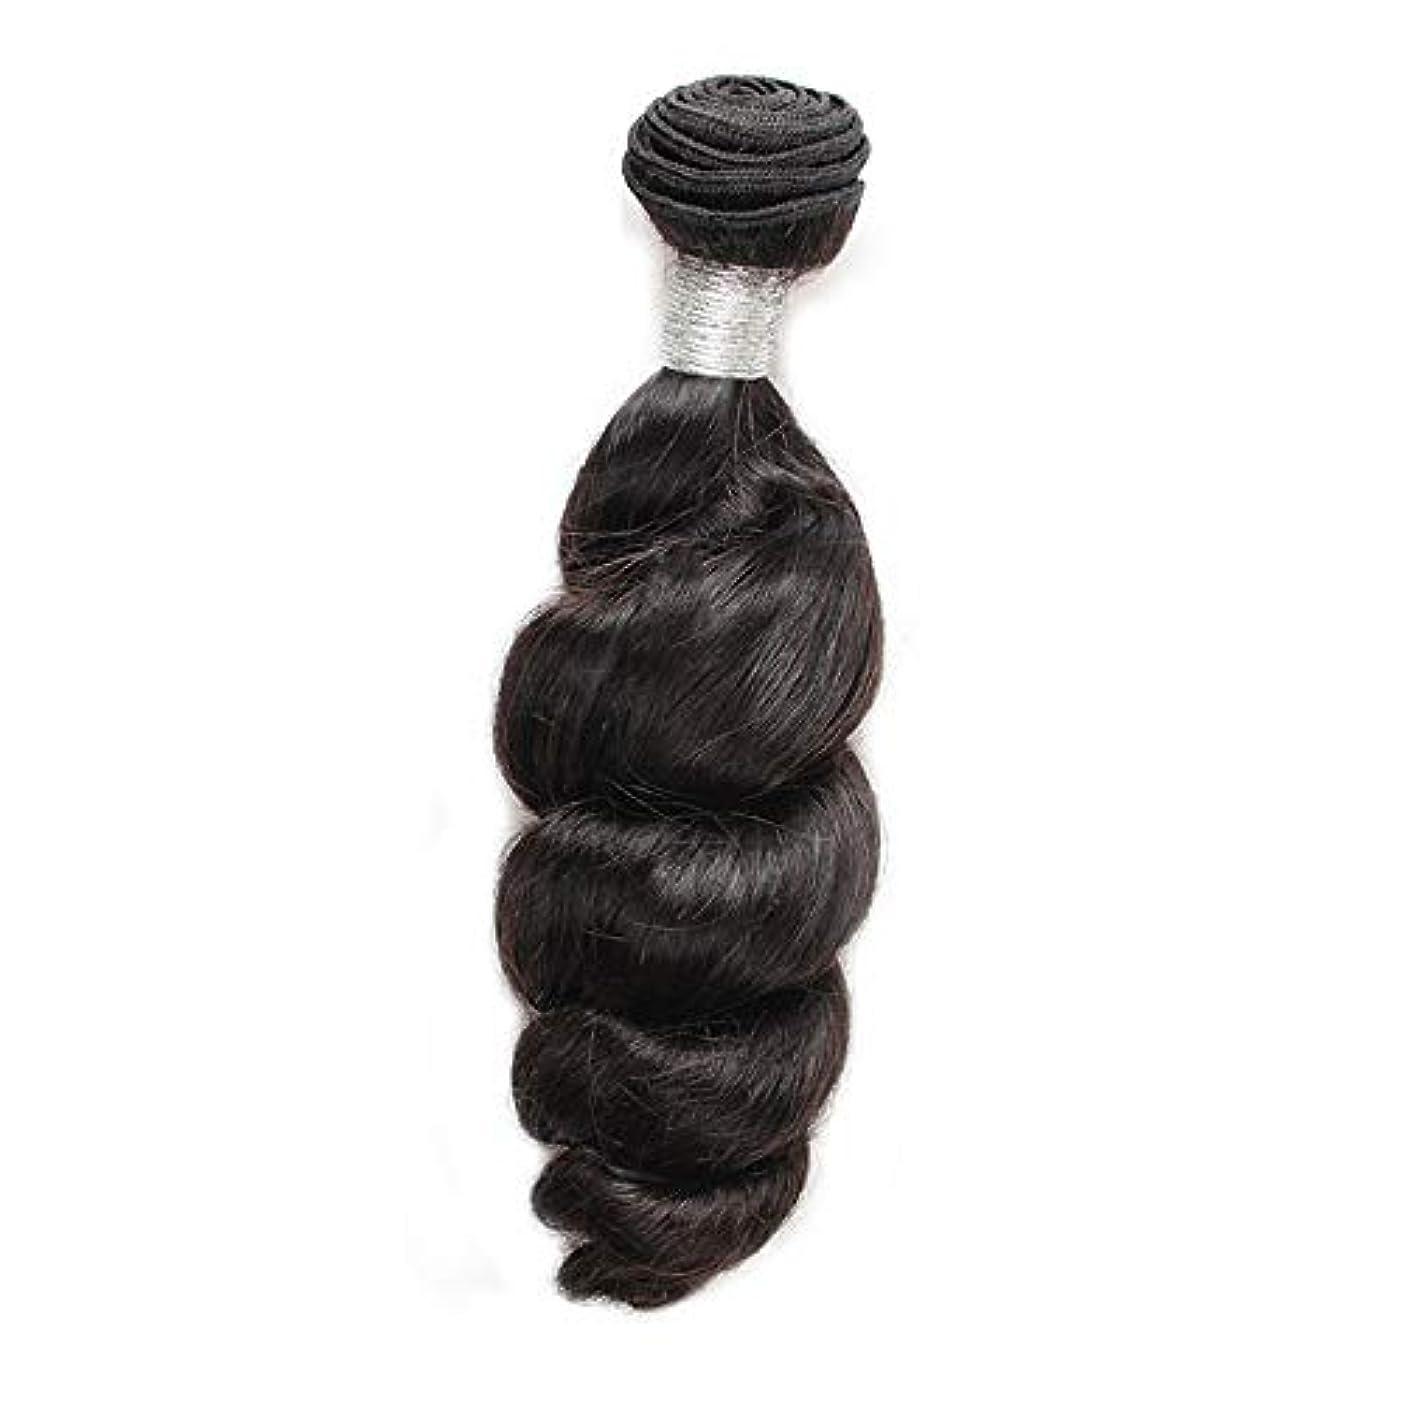 安西暗くする目を覚ますHOHYLLYA 女性の人間の髪の毛ブラジルのバージンルースウェーブの束横糸ナチュラルブラック100g /個1枚入り(12インチ-26インチ)合成髪レースかつらロールプレイングかつらストレートシリンダーショートスタイル女性自然...